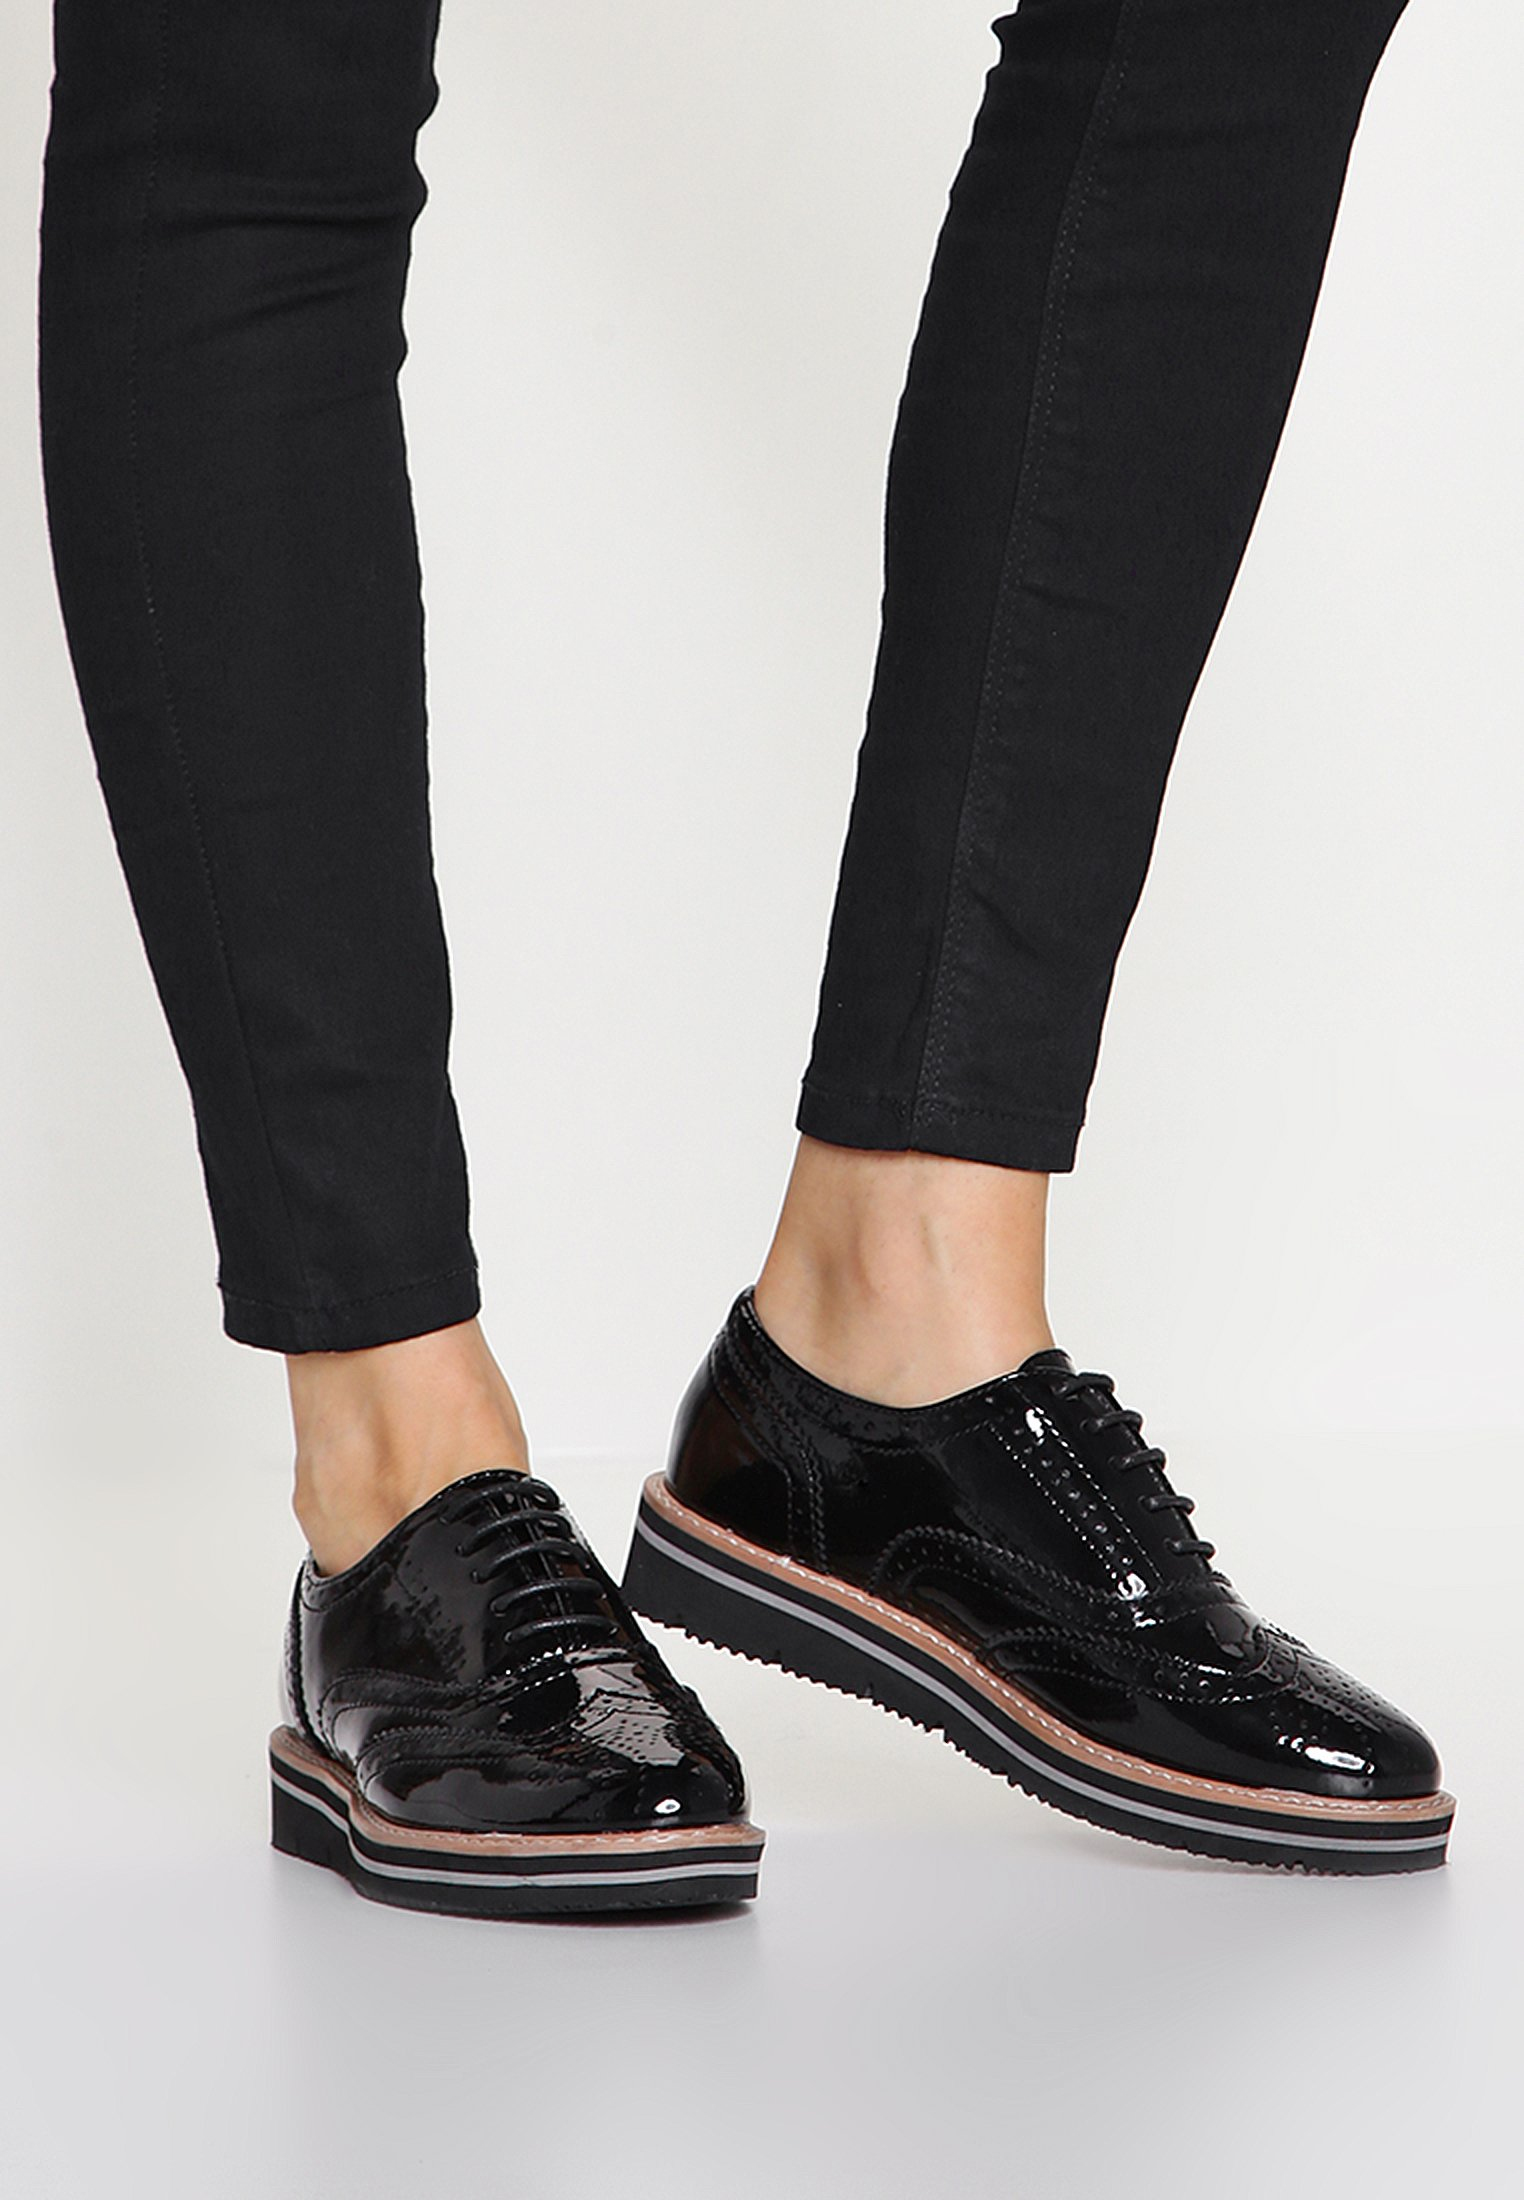 Schnürschuhe für Damen | Weiblichkeit mit androgynen Schuhen